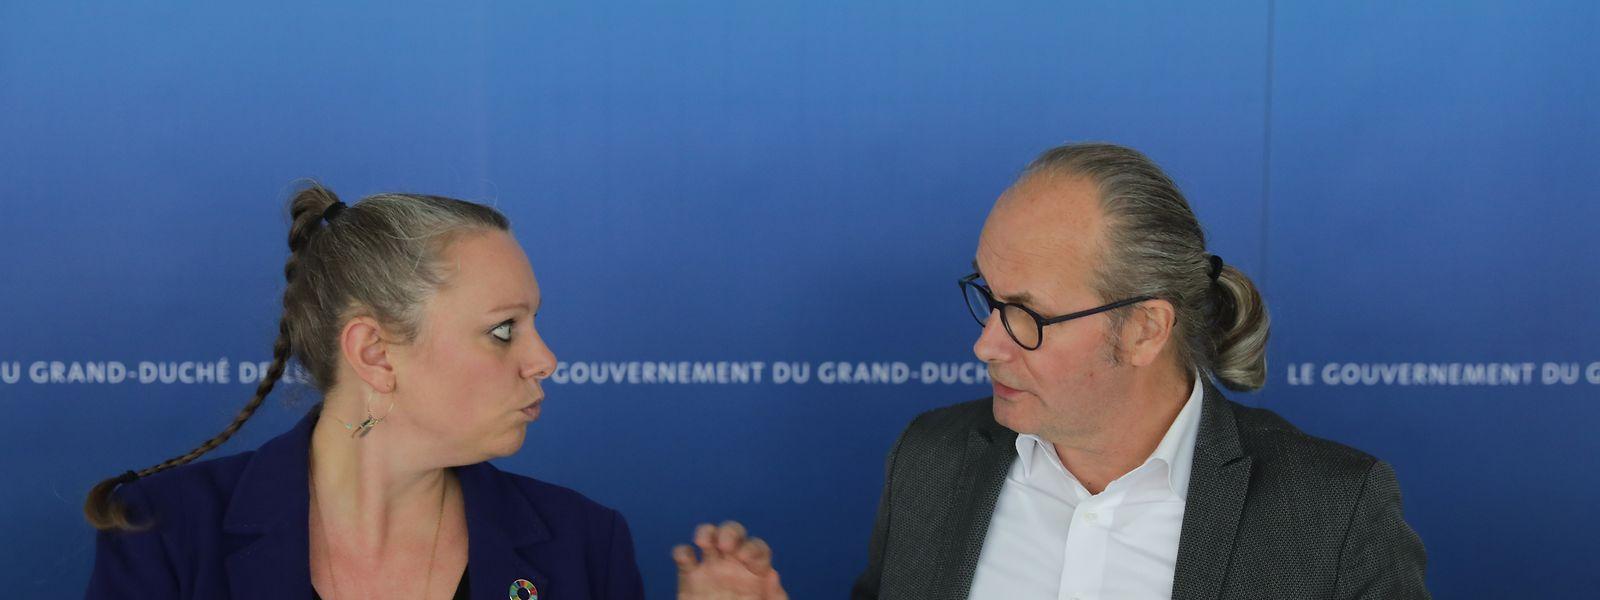 Die grüne Umweltministerin Carole Dieschbourg (links) mit ihrem Parteikollegen Energieminister Claude Turmes bei der Präsentation des Klimagesetzes Ende November.